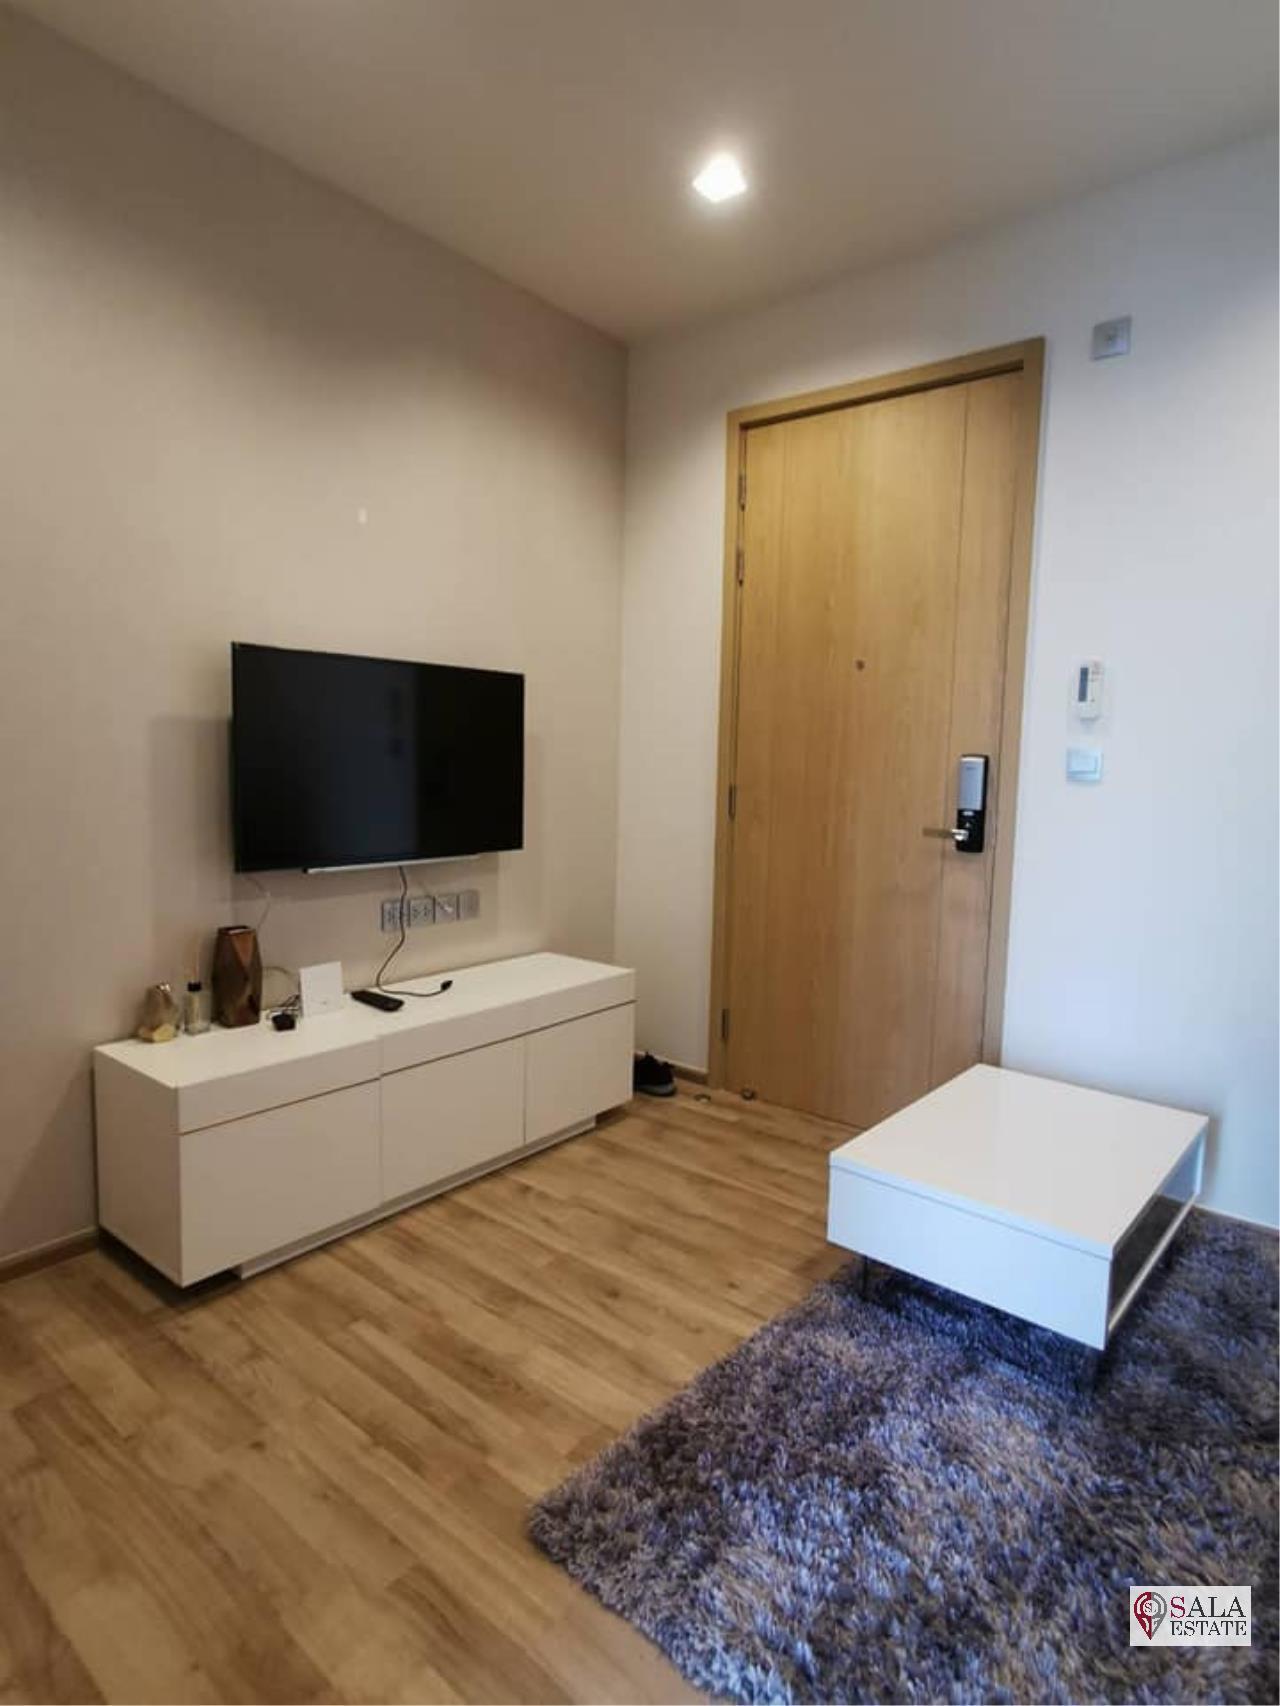 SALA ESTATE Agency's ( FOR RENT ) THE LINE JATUJAK MOCHIT – BTS MOCHIT, 1 BEDROOM 1 BATHROOM, FULLY FURNISHED, GARDEN VIEW 6